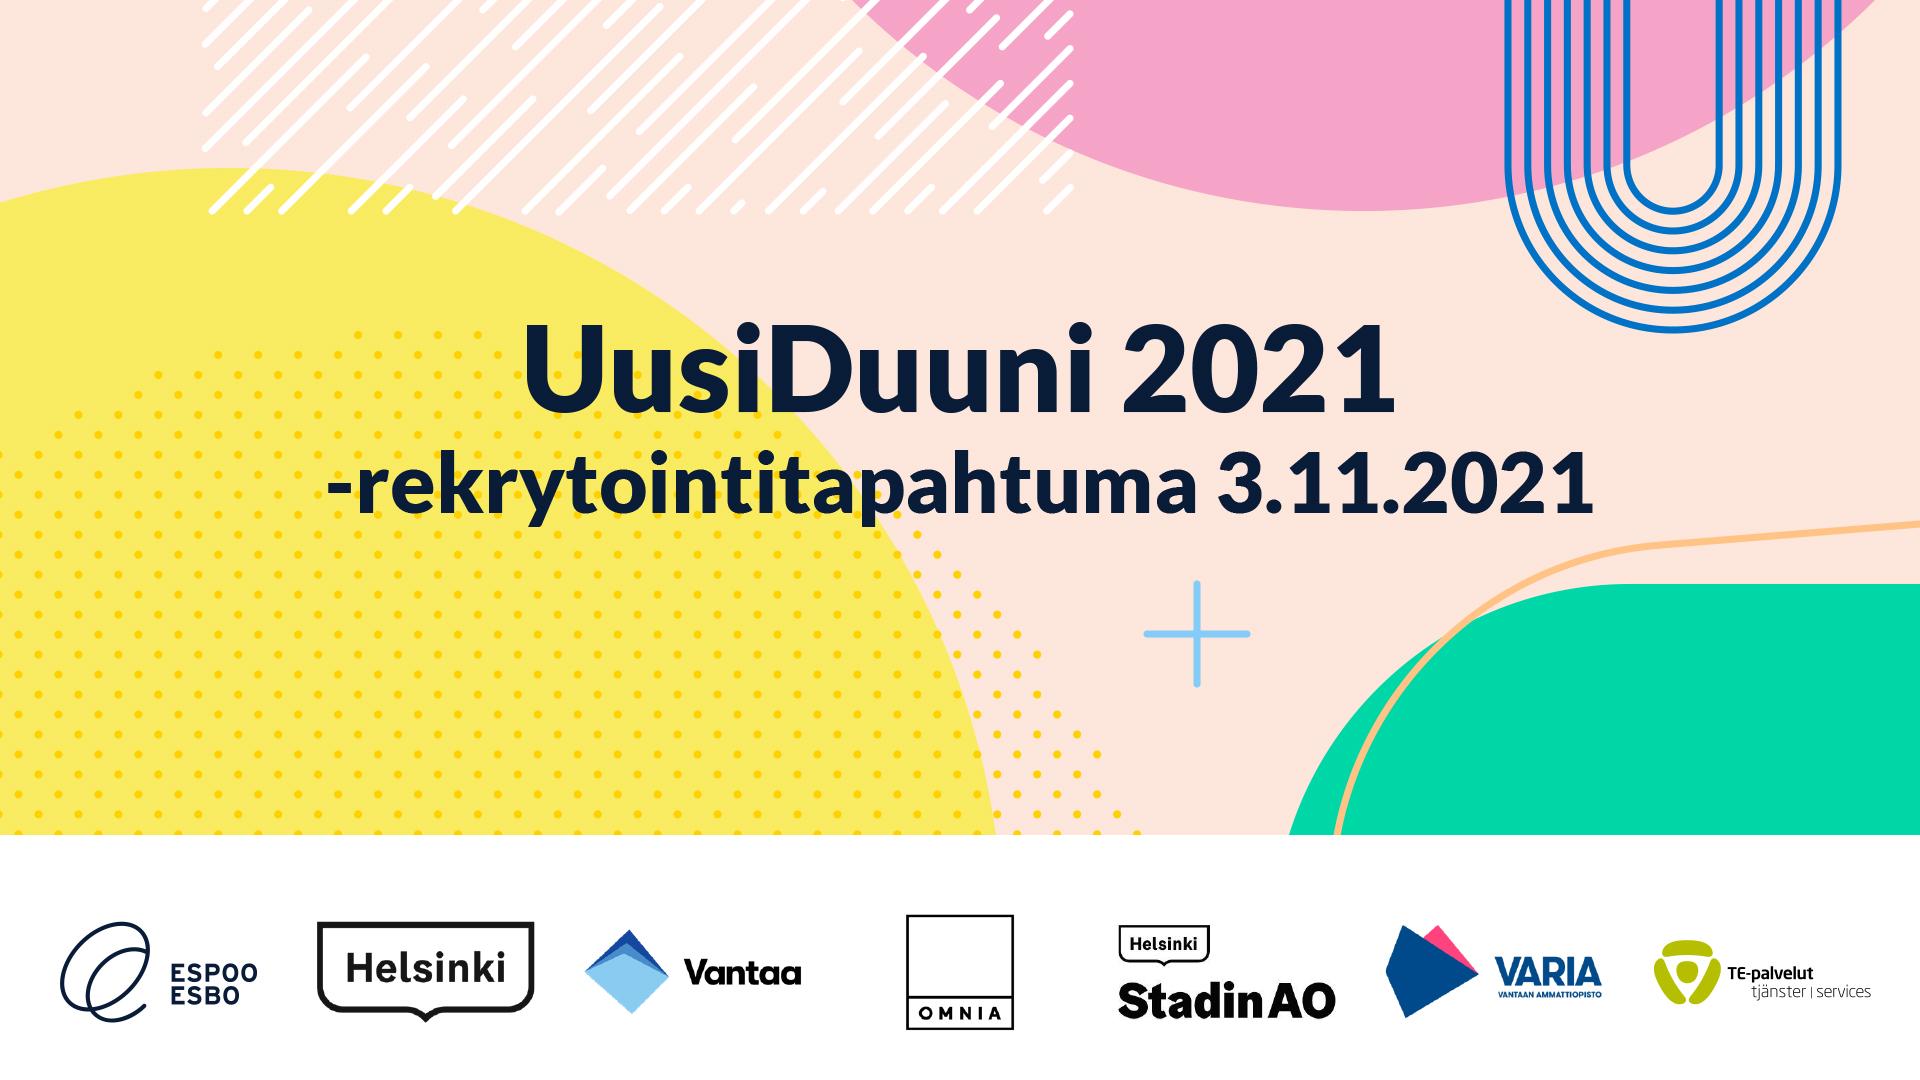 UusiDuuni 2021 -rekrytointitapahtuma järjestetään 3.11.2021. Kuvan alareunassa järjestäjien logot.